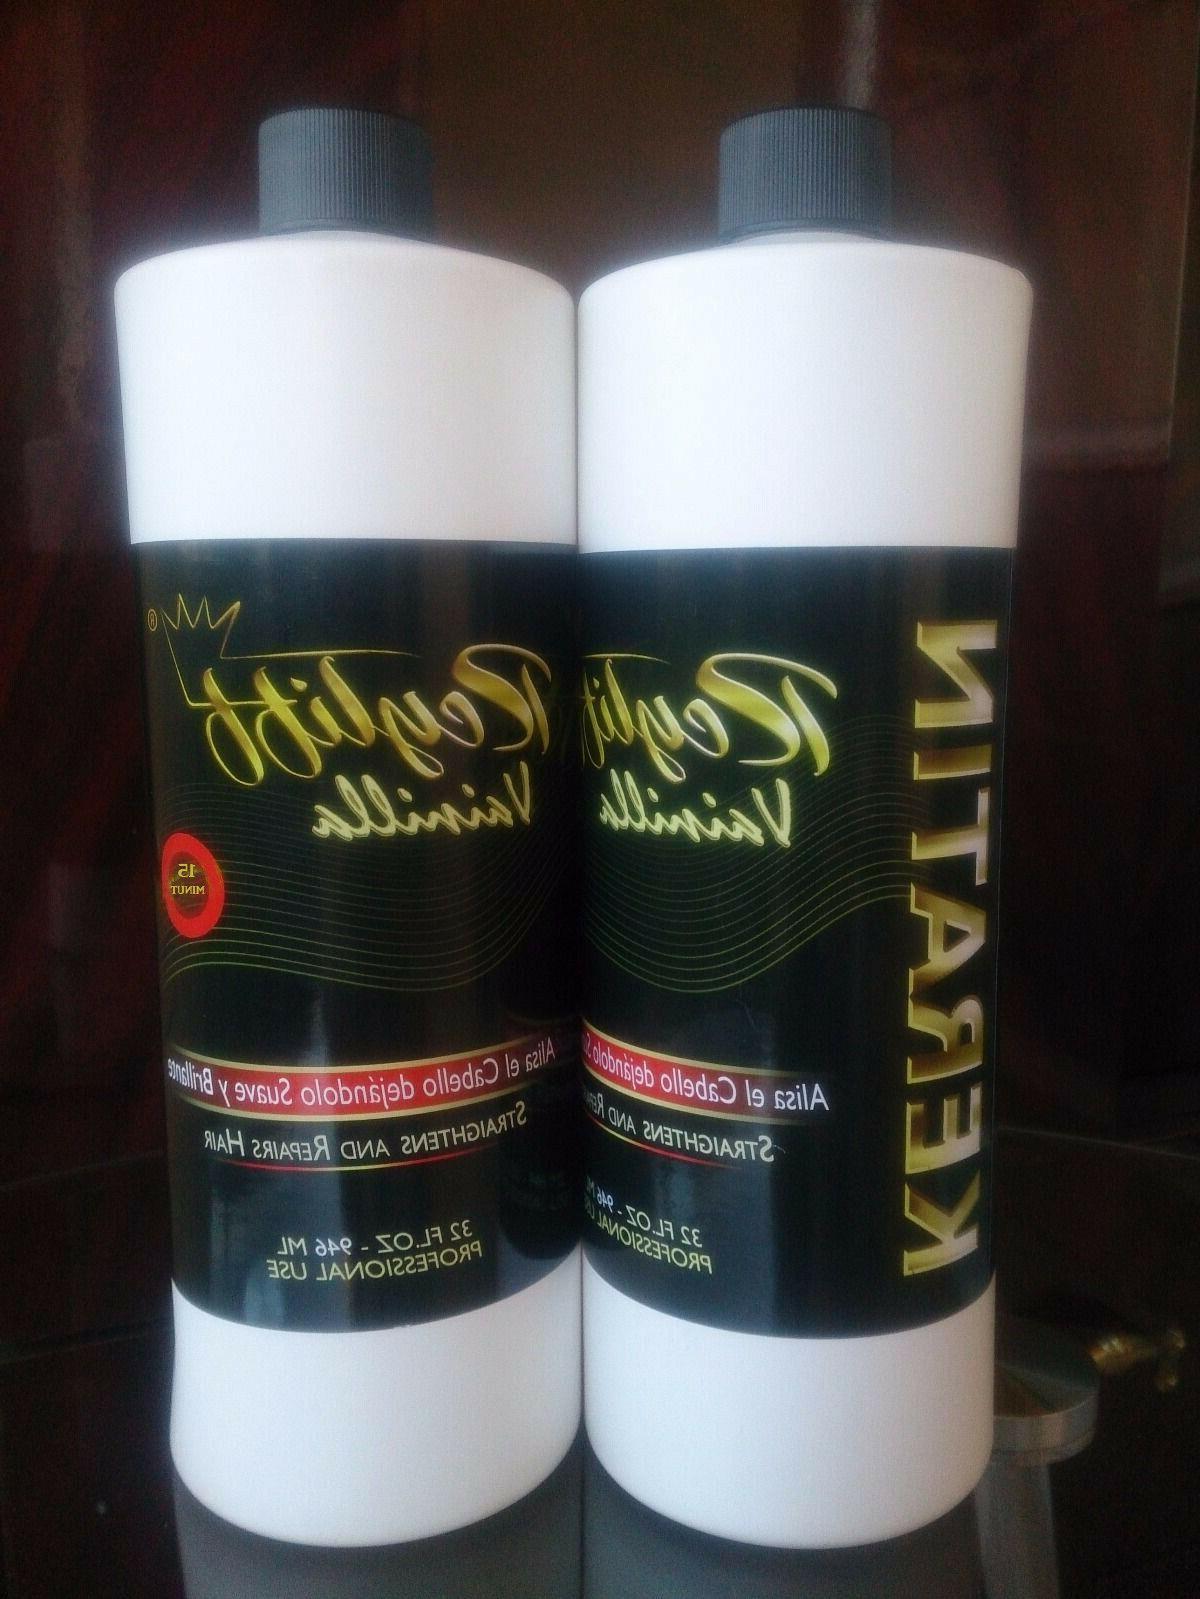 keratina hair treatment vainilla 1 bottle of